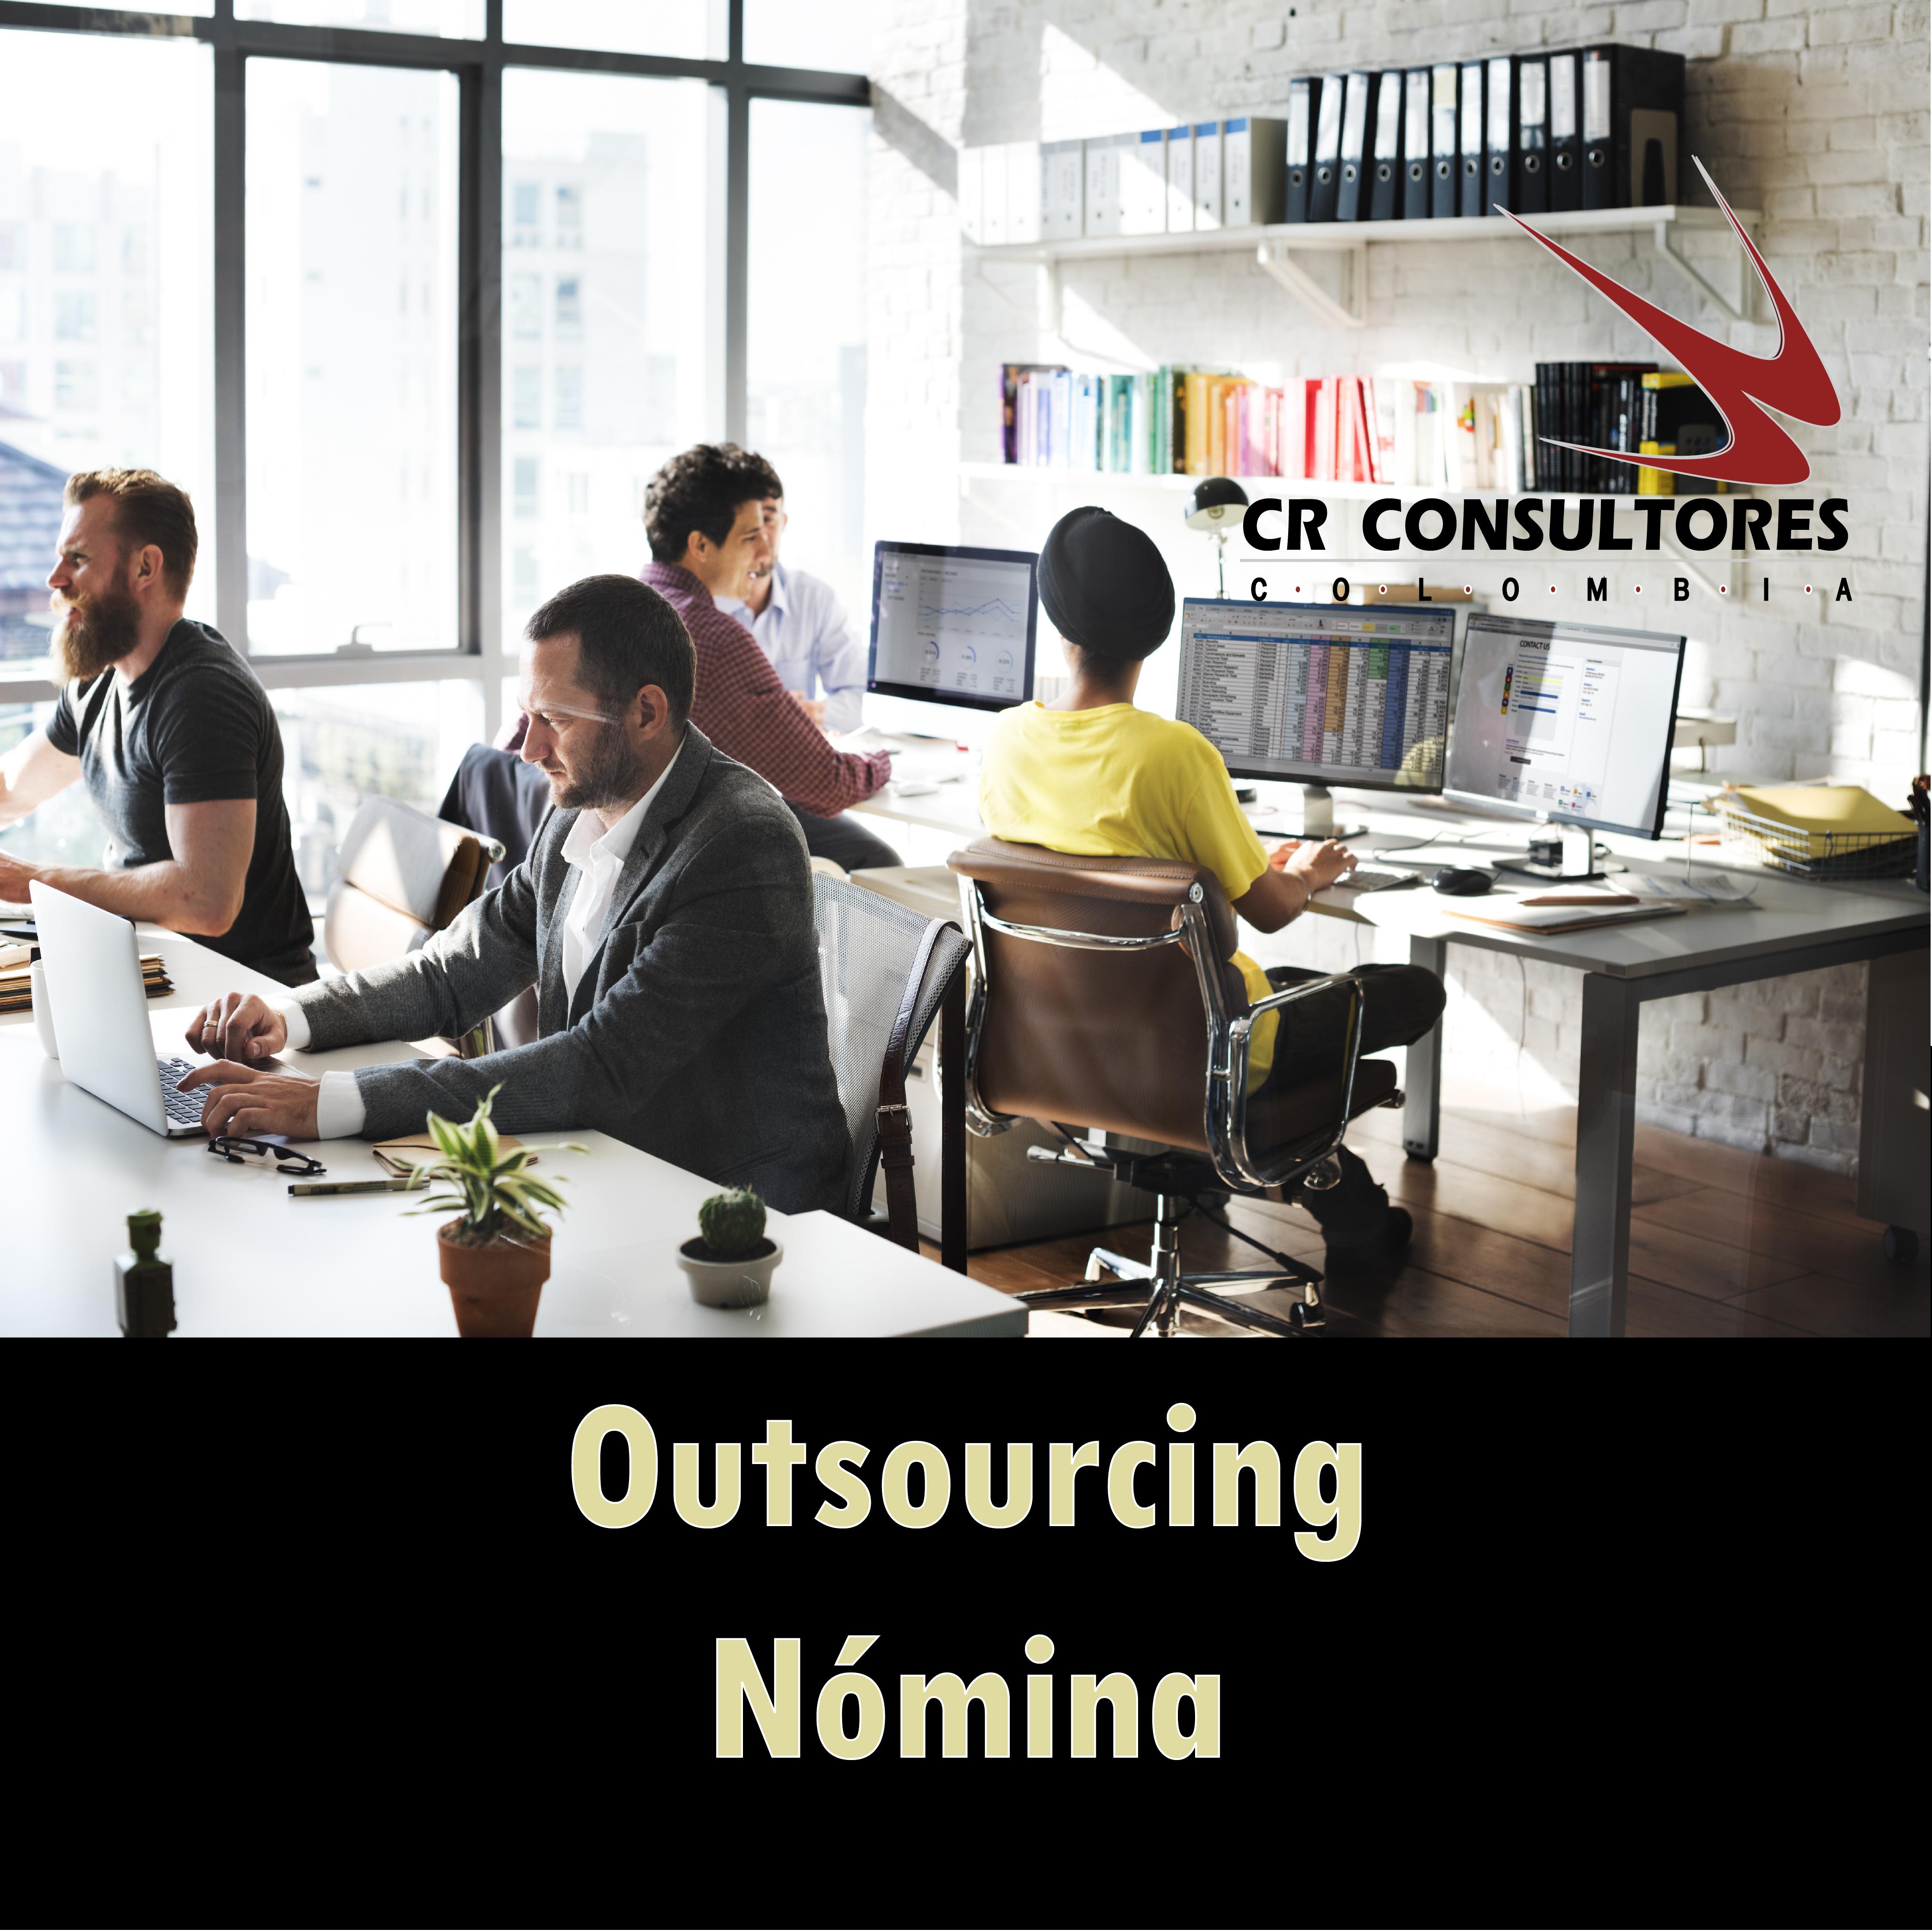 outsourcing nómina, asesoría de nomina